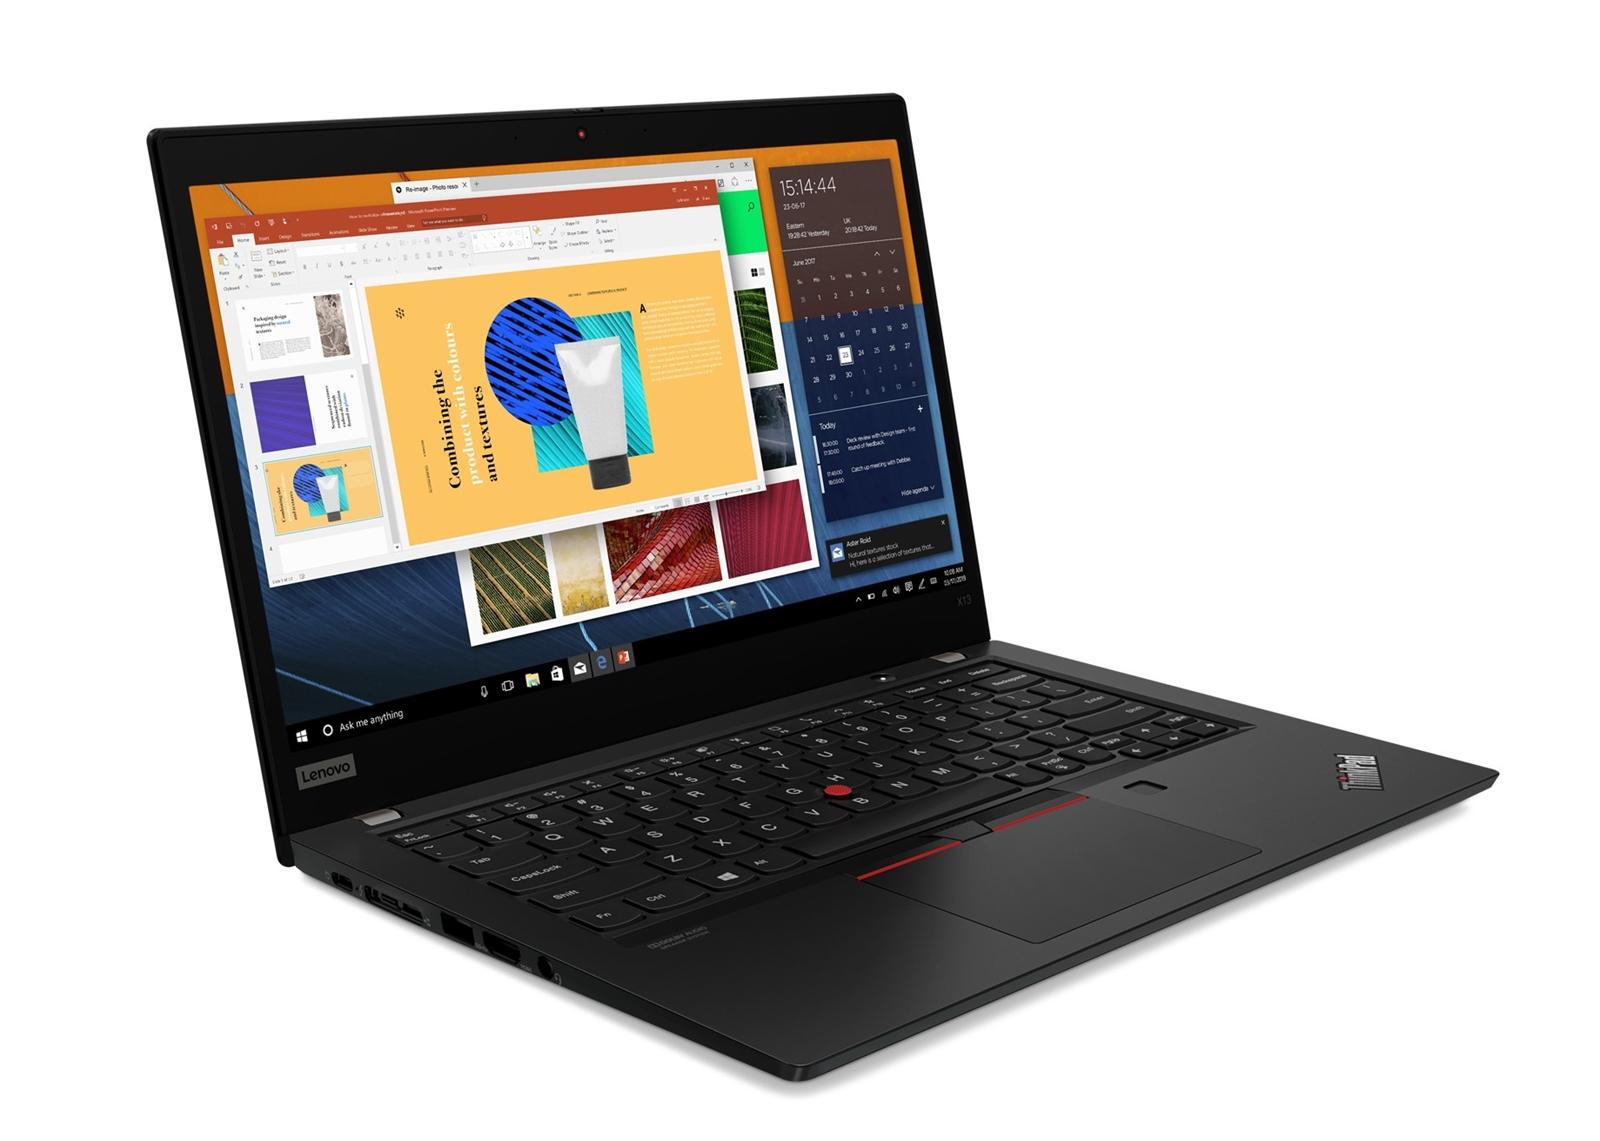 ThinkPad X13 độ bền chuẩn quân đội Mỹ, cấu hình mạnh